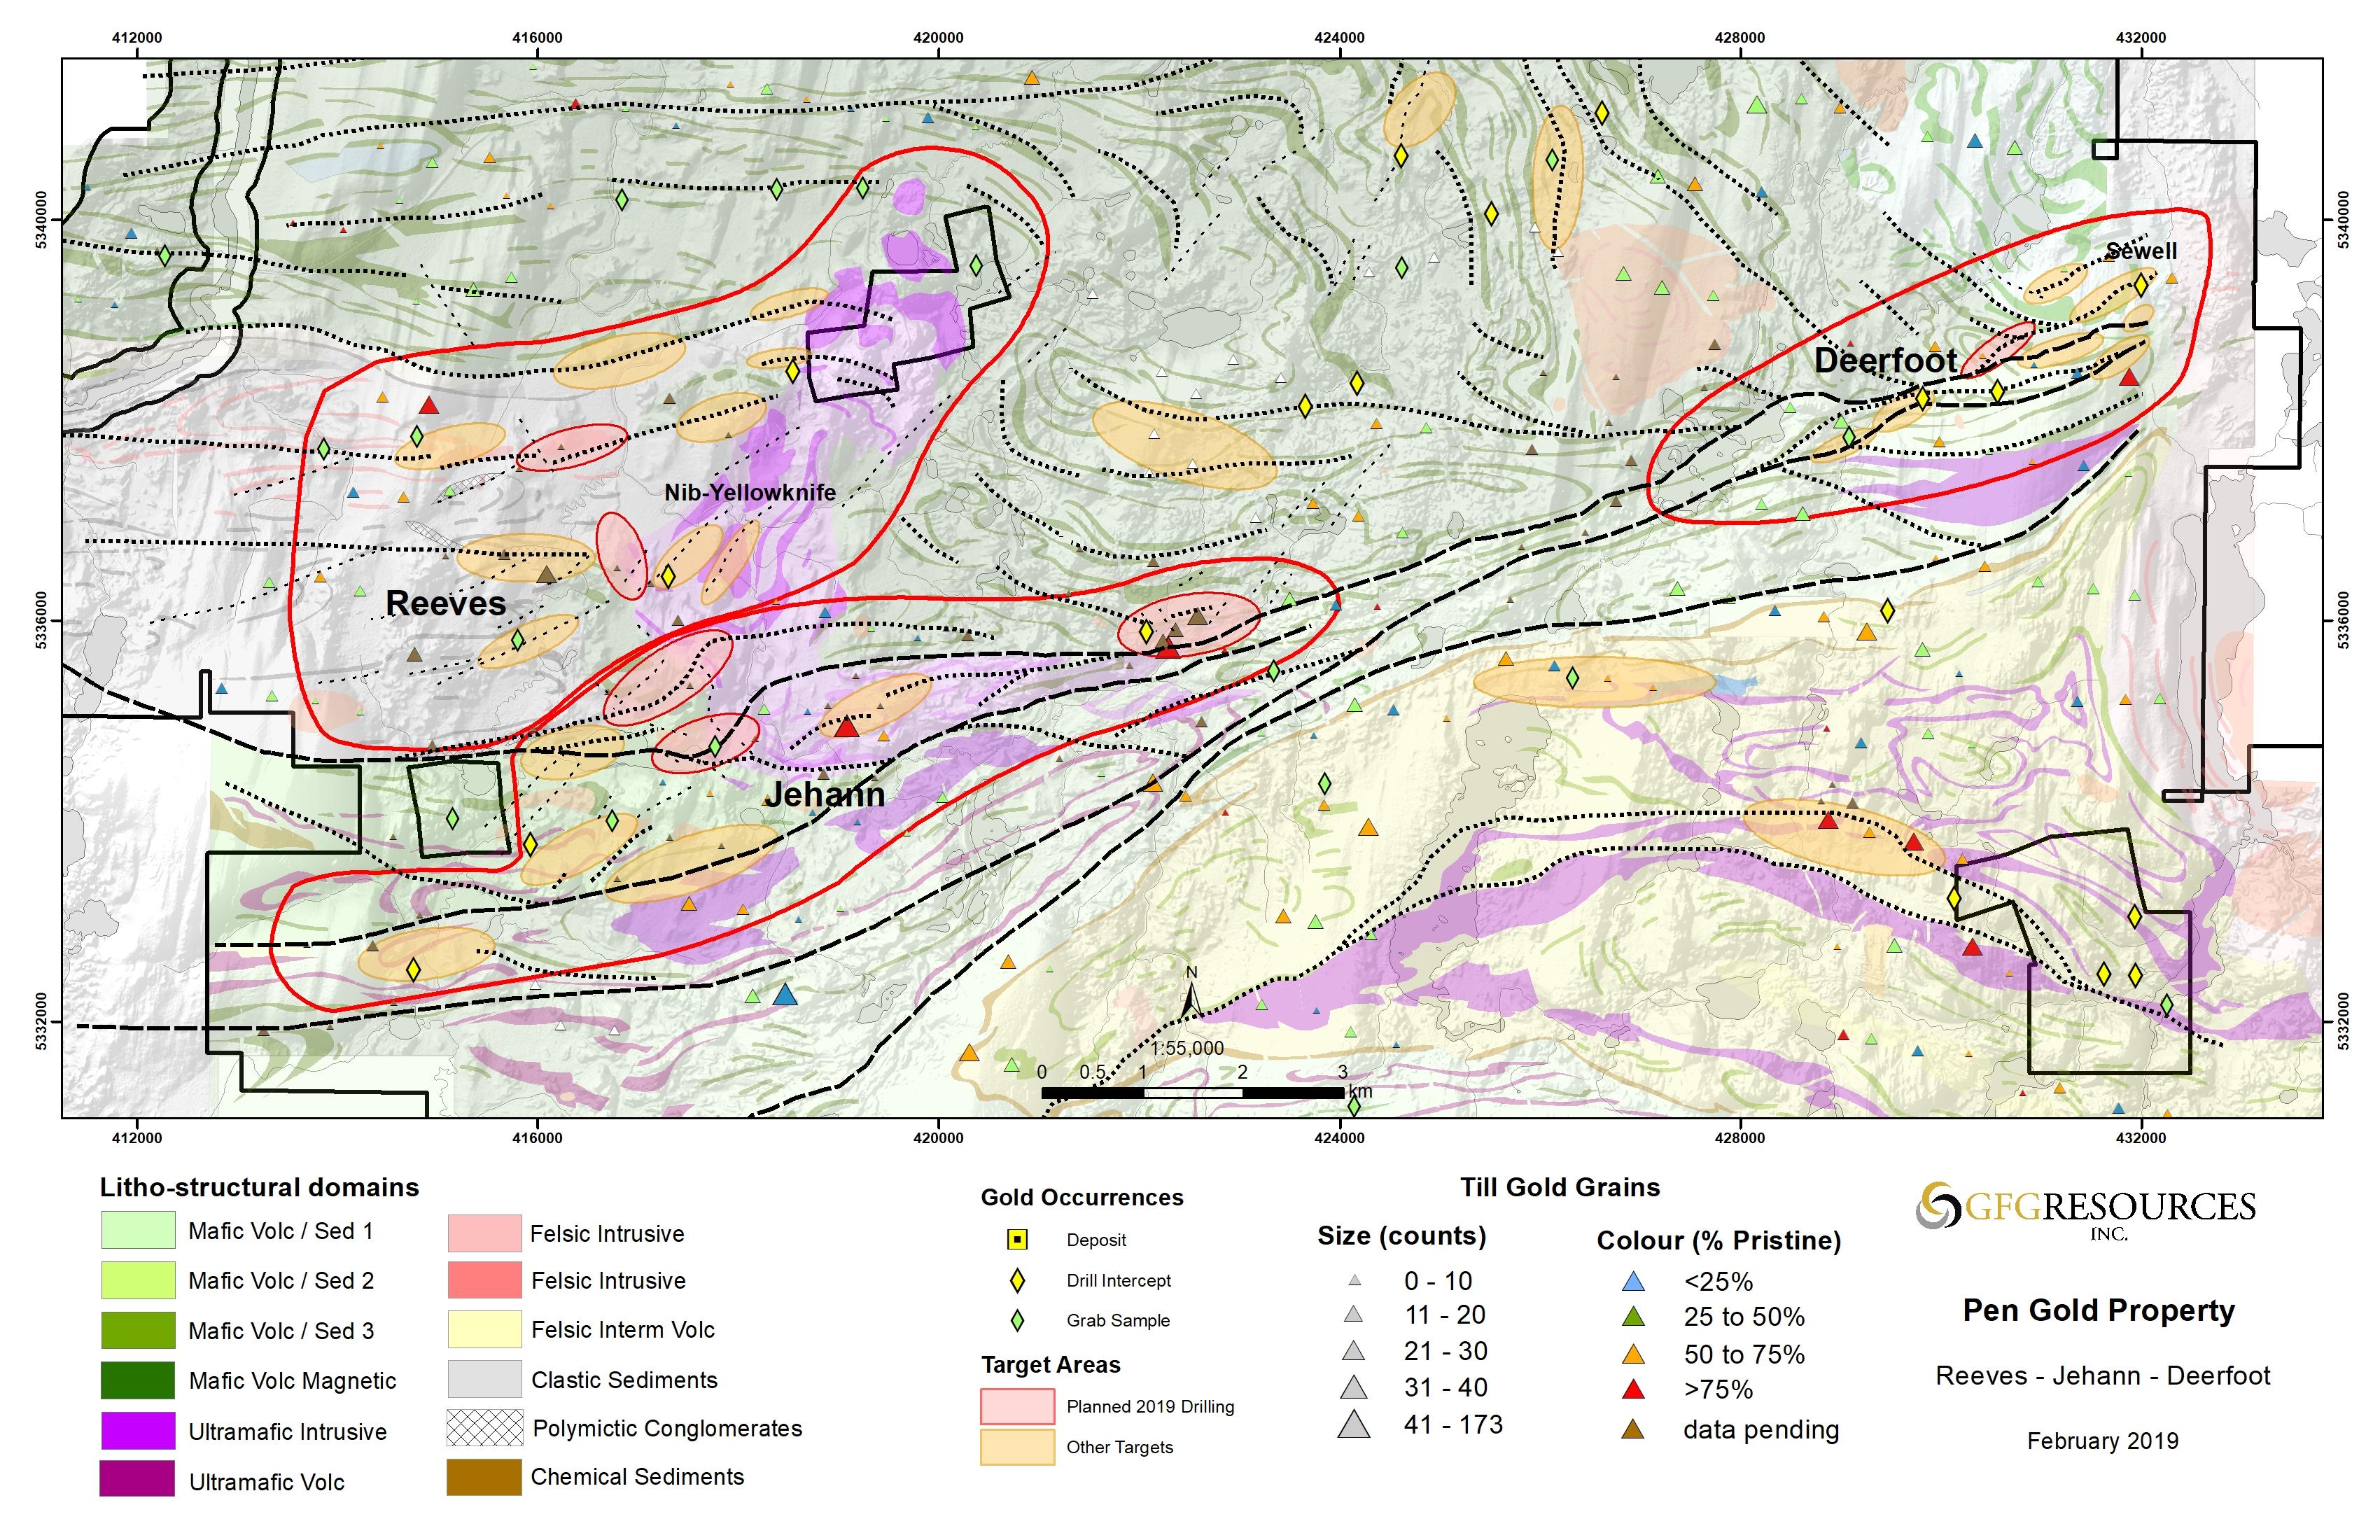 Figure 2: Reeves, Jehann & Deerfoot Drill Target Map